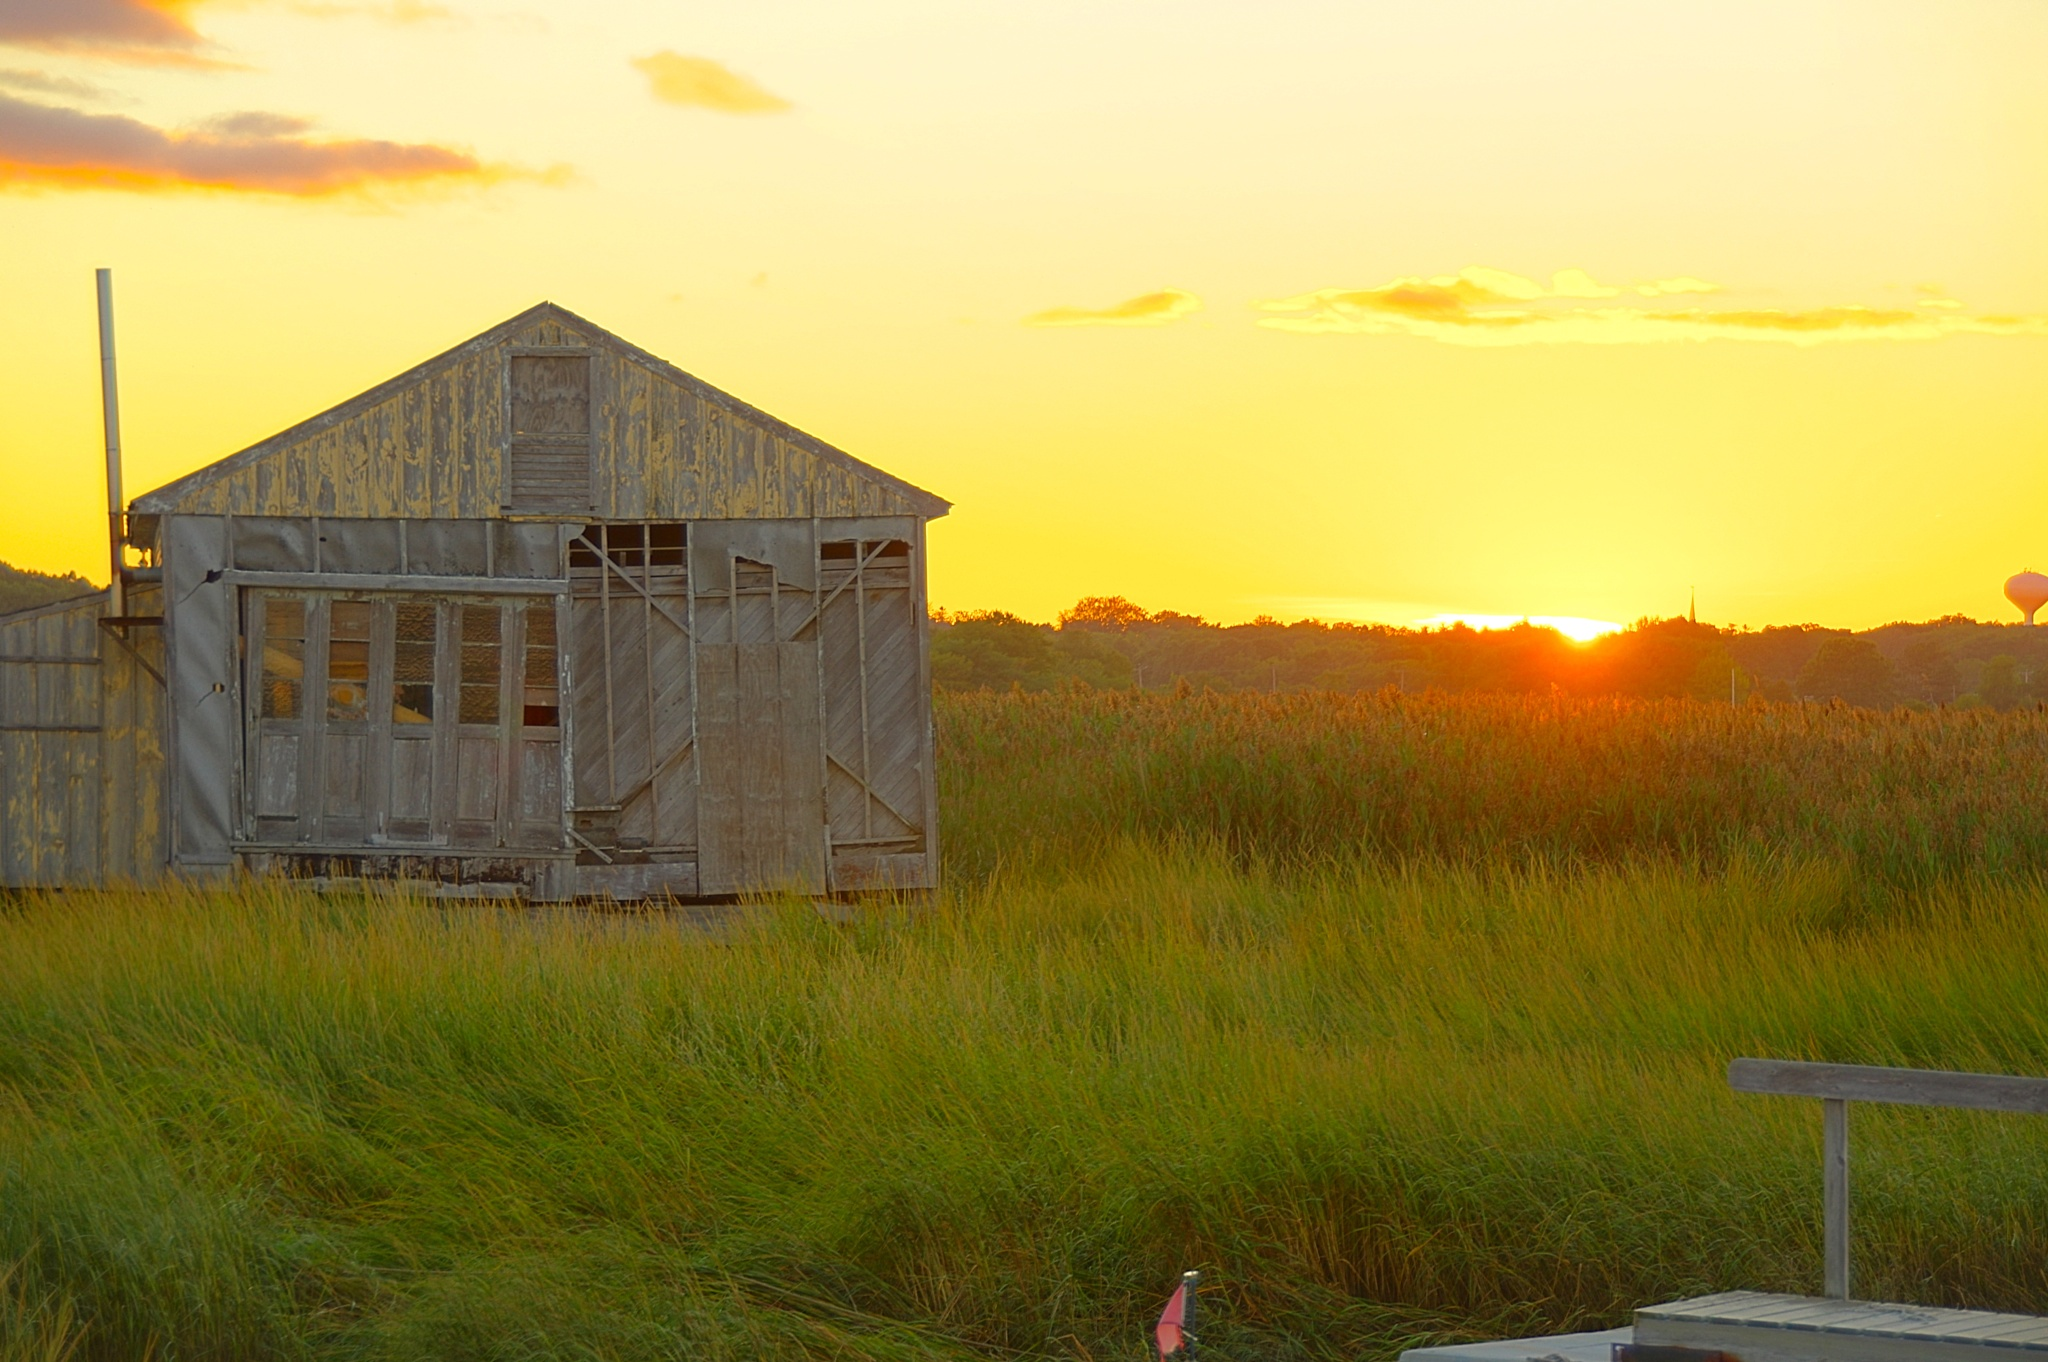 Newburyport Sunset by philipd63